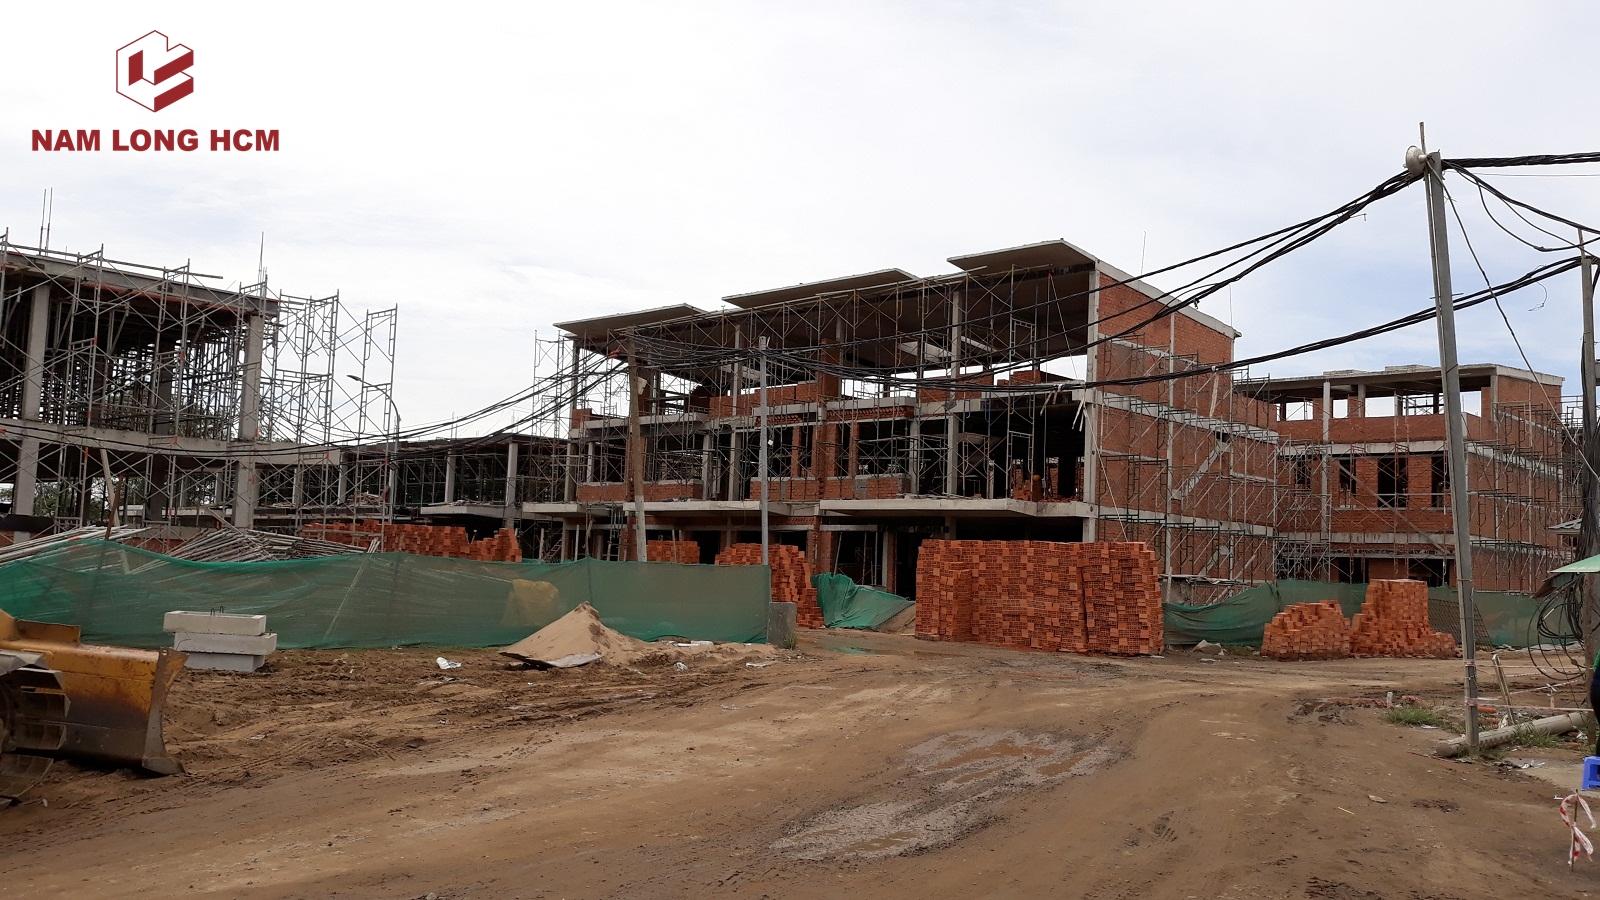 Nhà phố Đảo Thiên Đường do nhà thầu Nam Khang xây dựng. Dự án triển khai thi công Quý 2/2018. Ảnh: Nam Long HCM